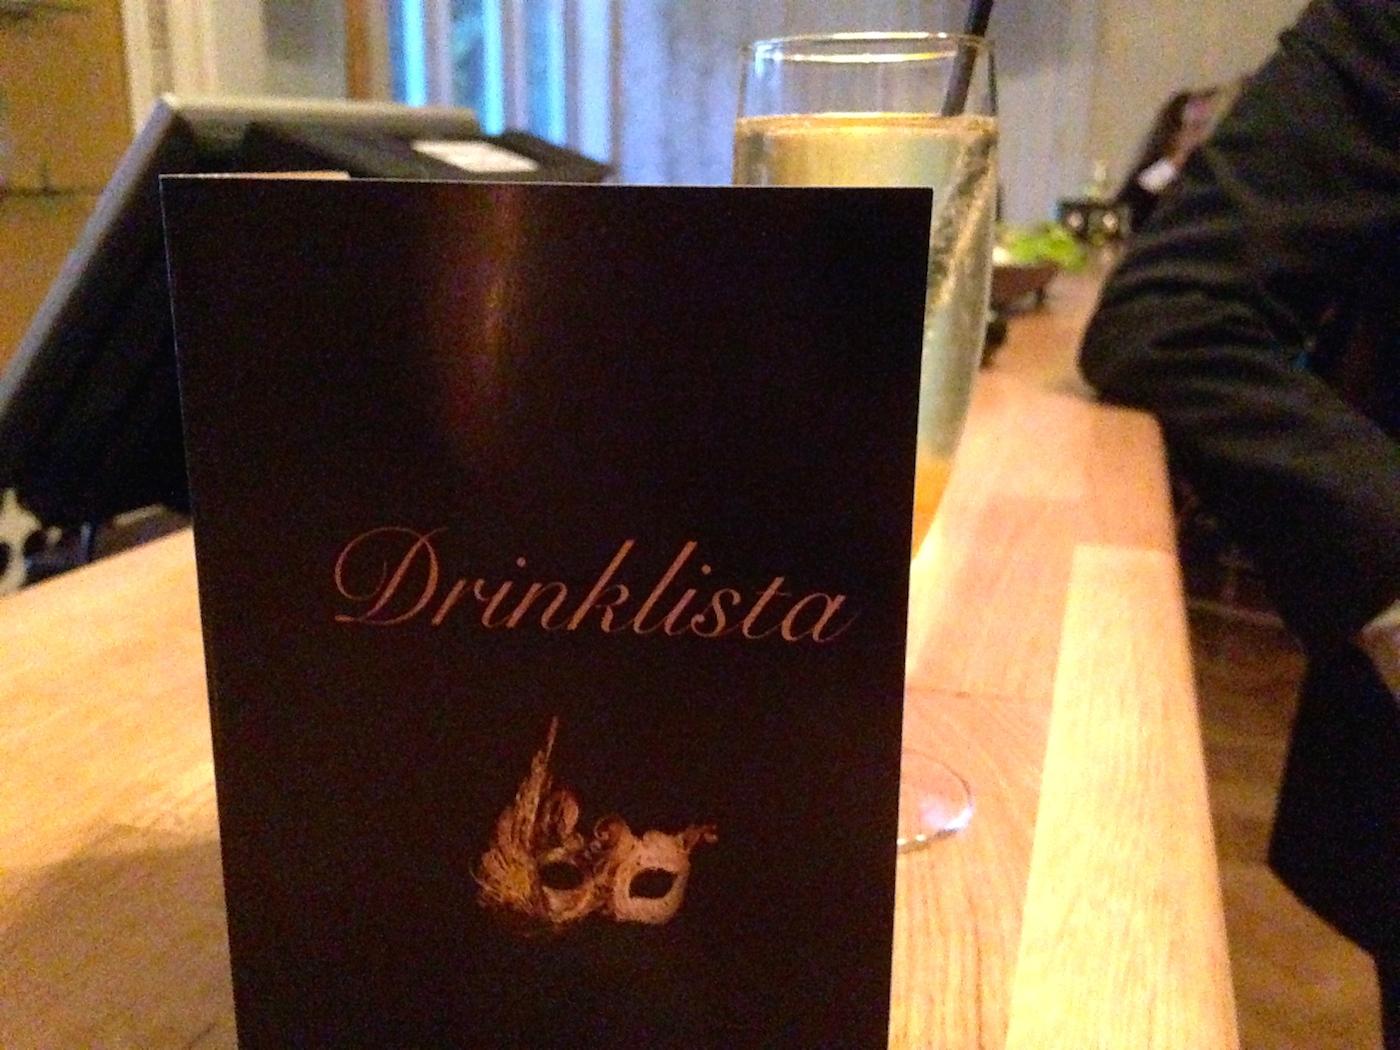 Kvällens drinklista